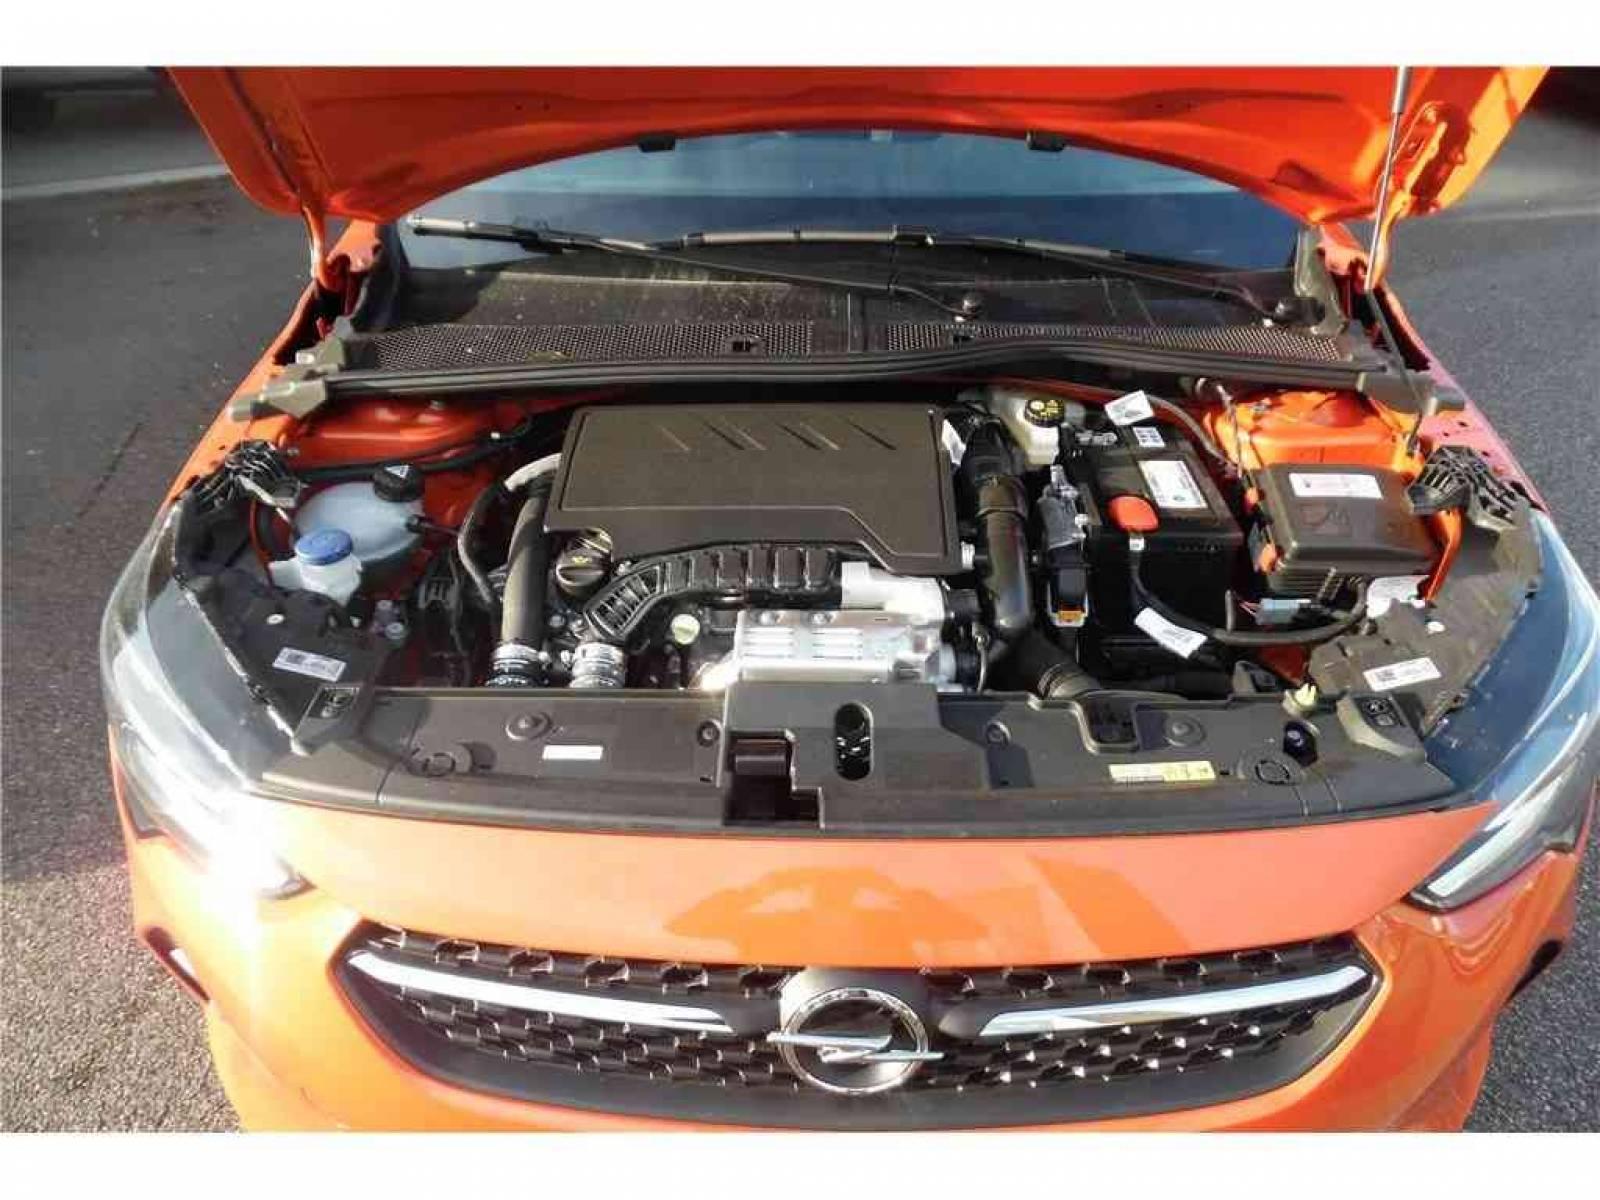 OPEL Corsa 1.2 Turbo 100 ch BVM6 - véhicule d'occasion - Groupe Guillet - Opel Magicauto - Montceau-les-Mines - 71300 - Montceau-les-Mines - 35